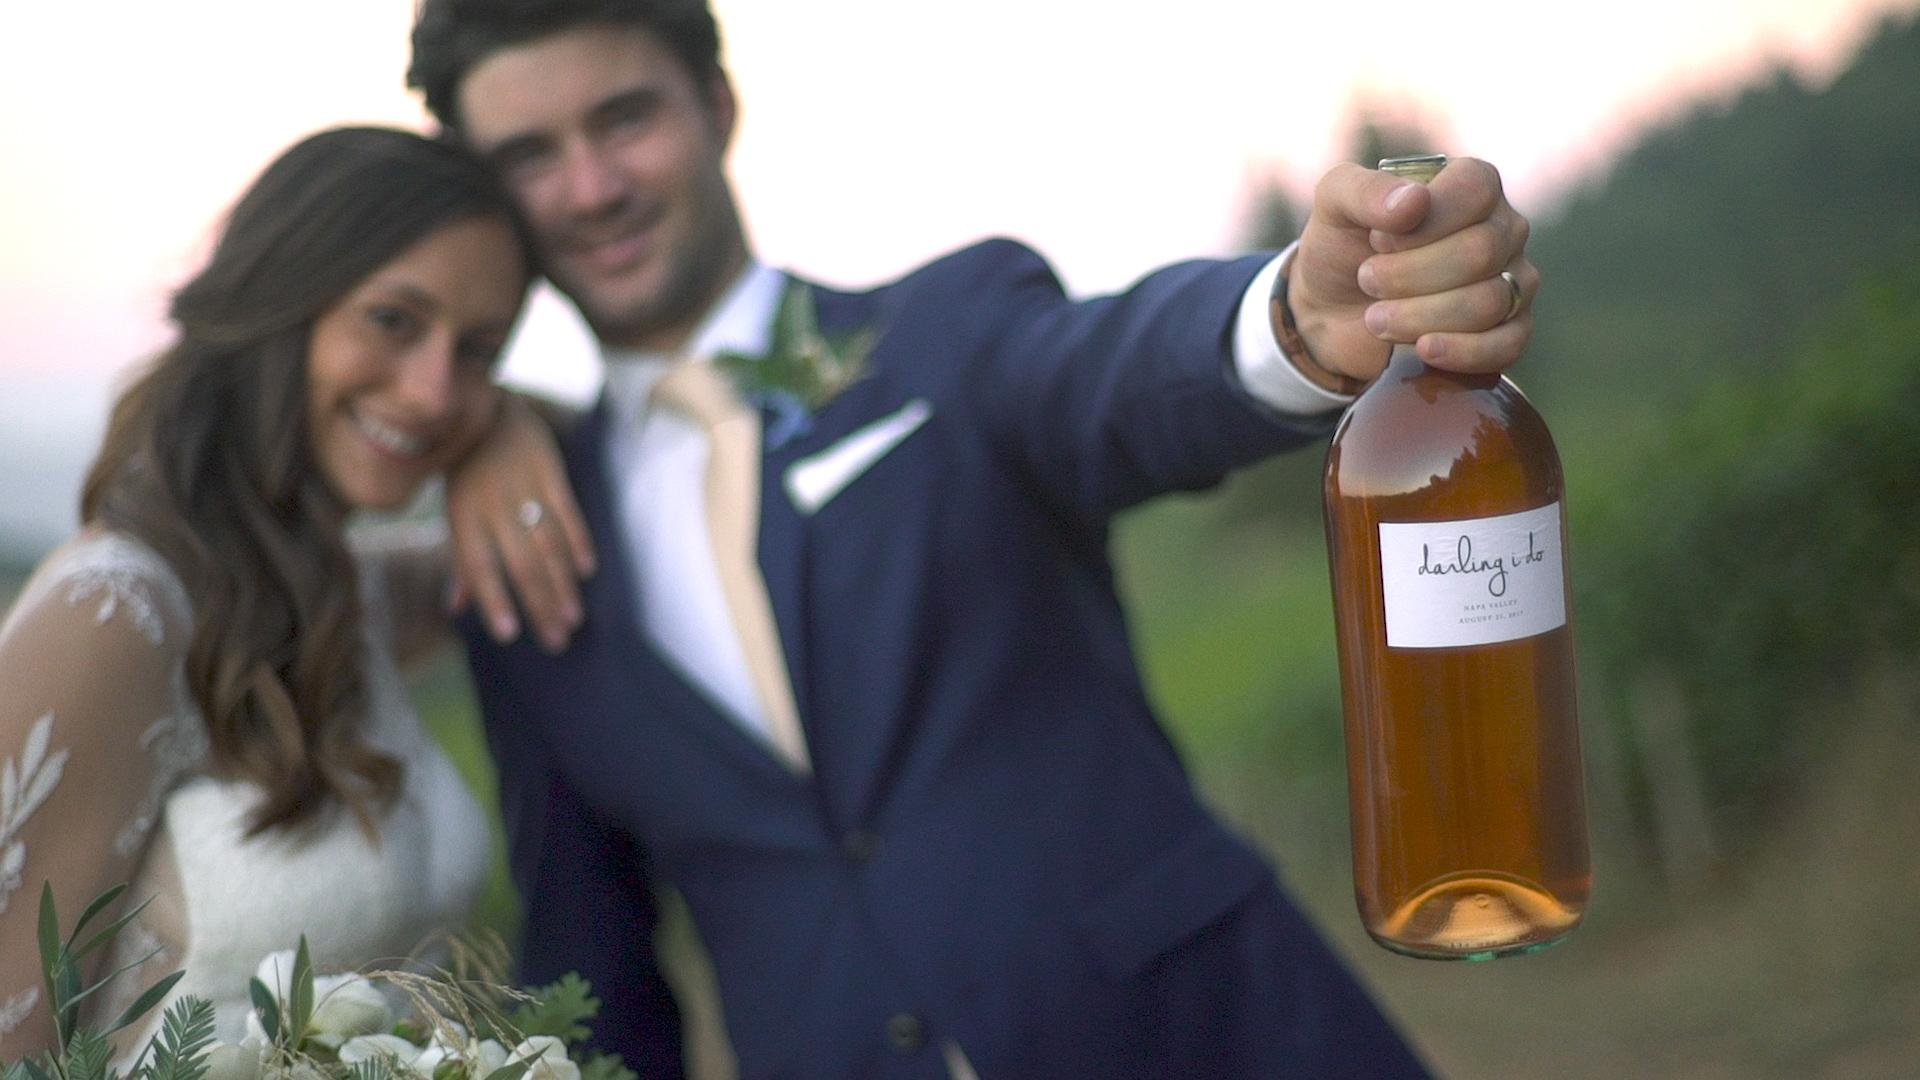 DARLING_WEDDING_v4.0 .00_02_13_08.Still025.jpg